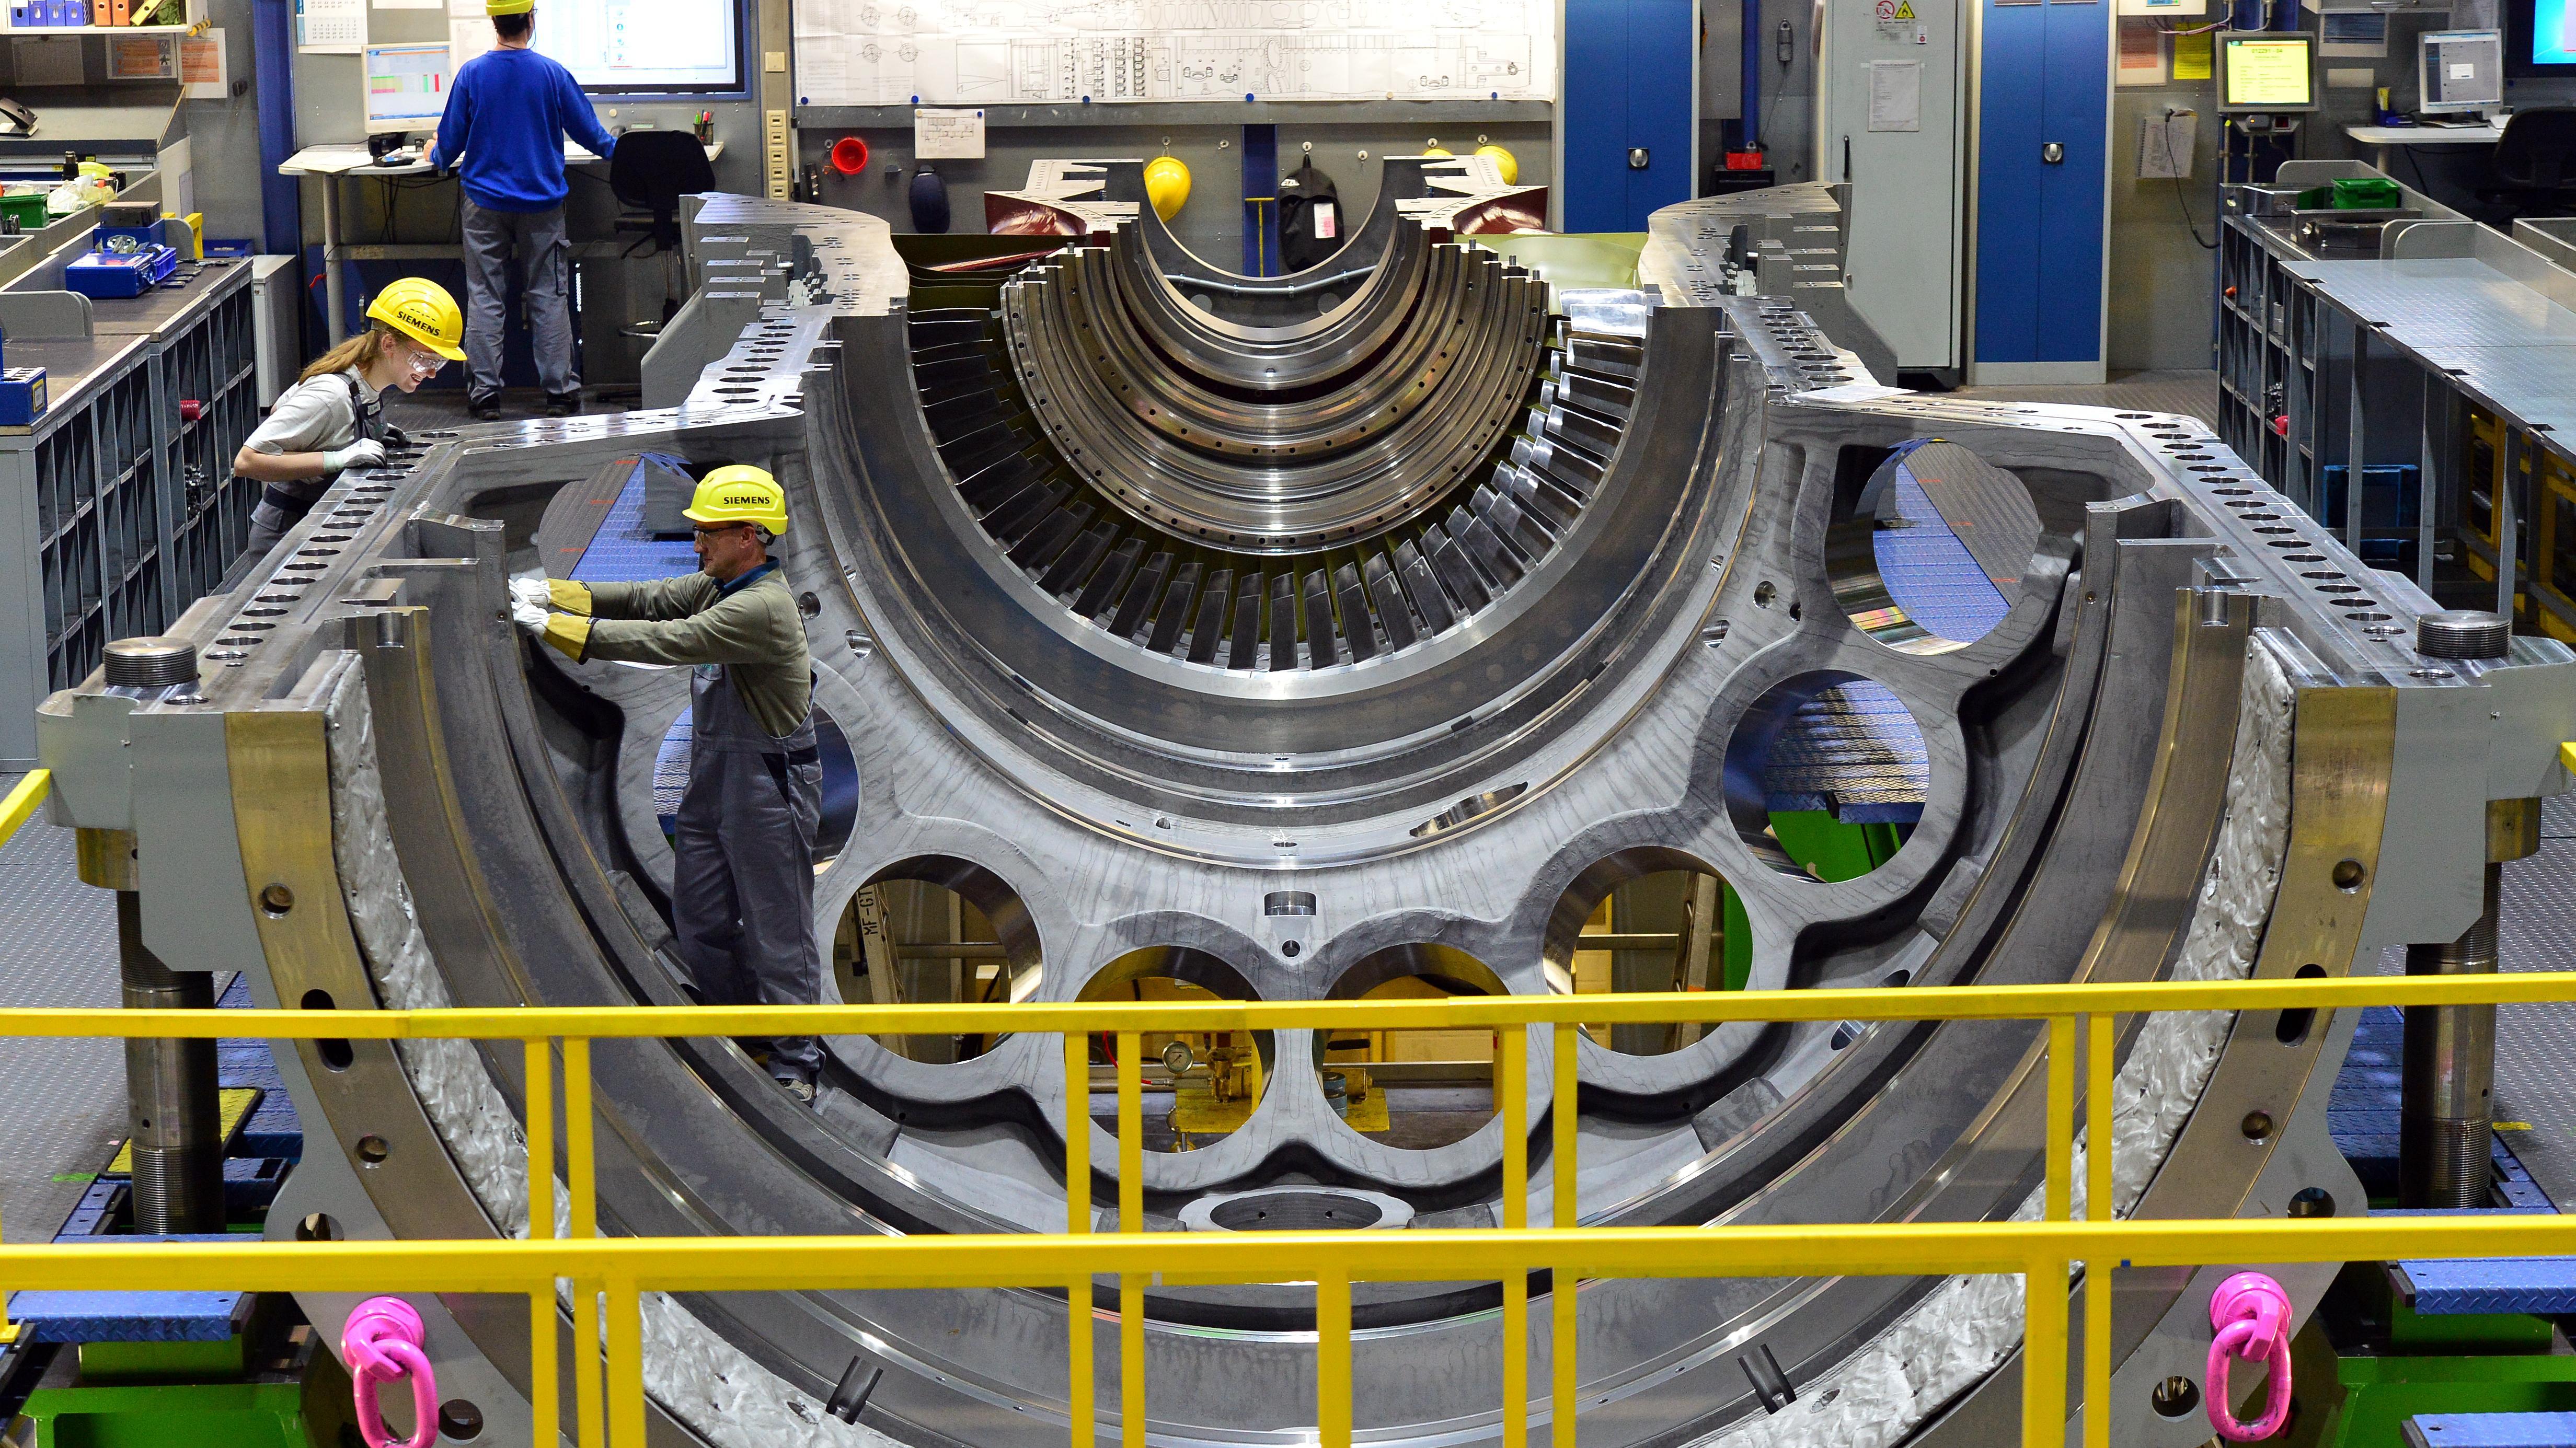 Siemens-Mitarbeiter arbeiten am 02.03.2017 in Berlin im Siemens-Gasturbinenwerk an einer Gasturbine